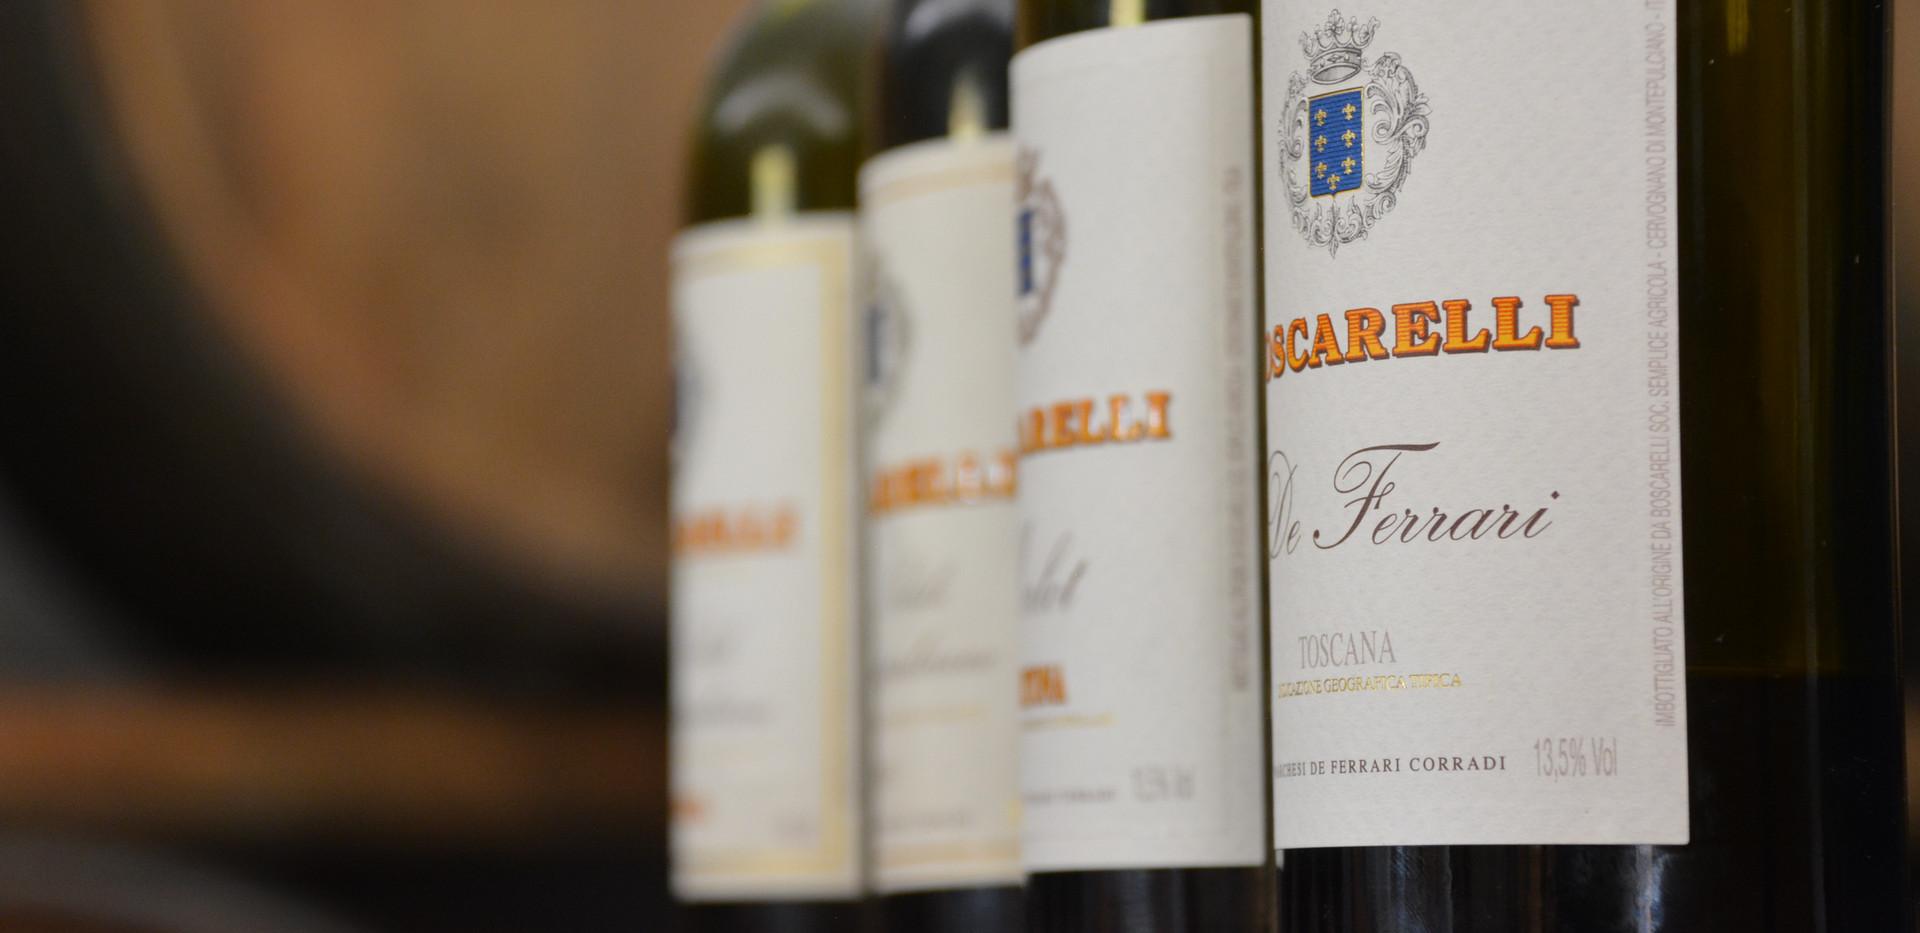 Wonderful lineup of Montepulciano wines